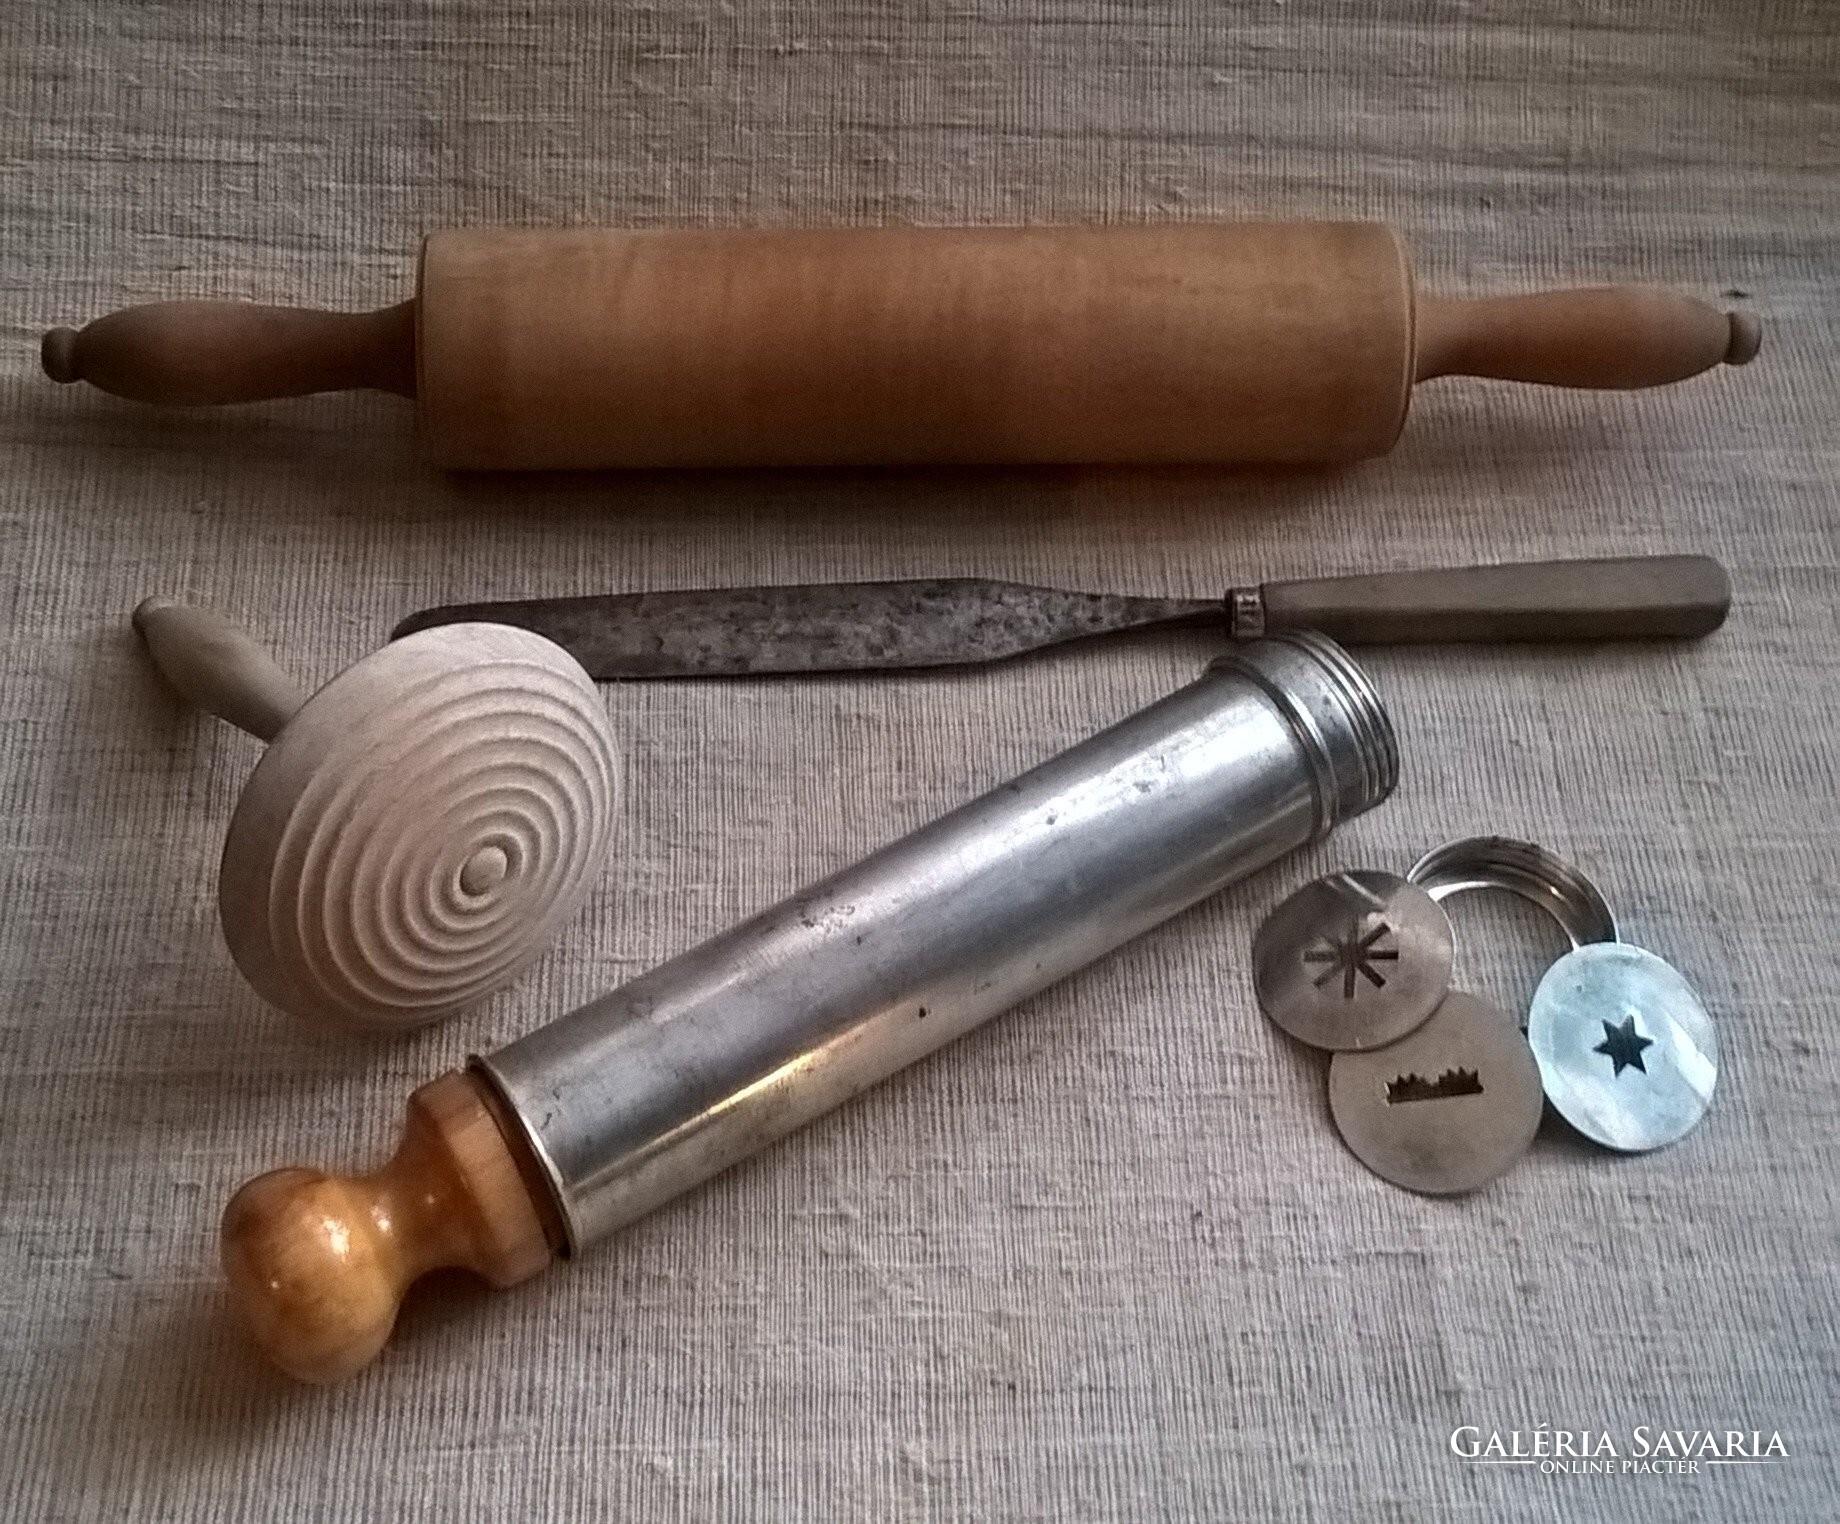 Régi háztartási eszközök egyben eladó - Otthon 0d81a58a78